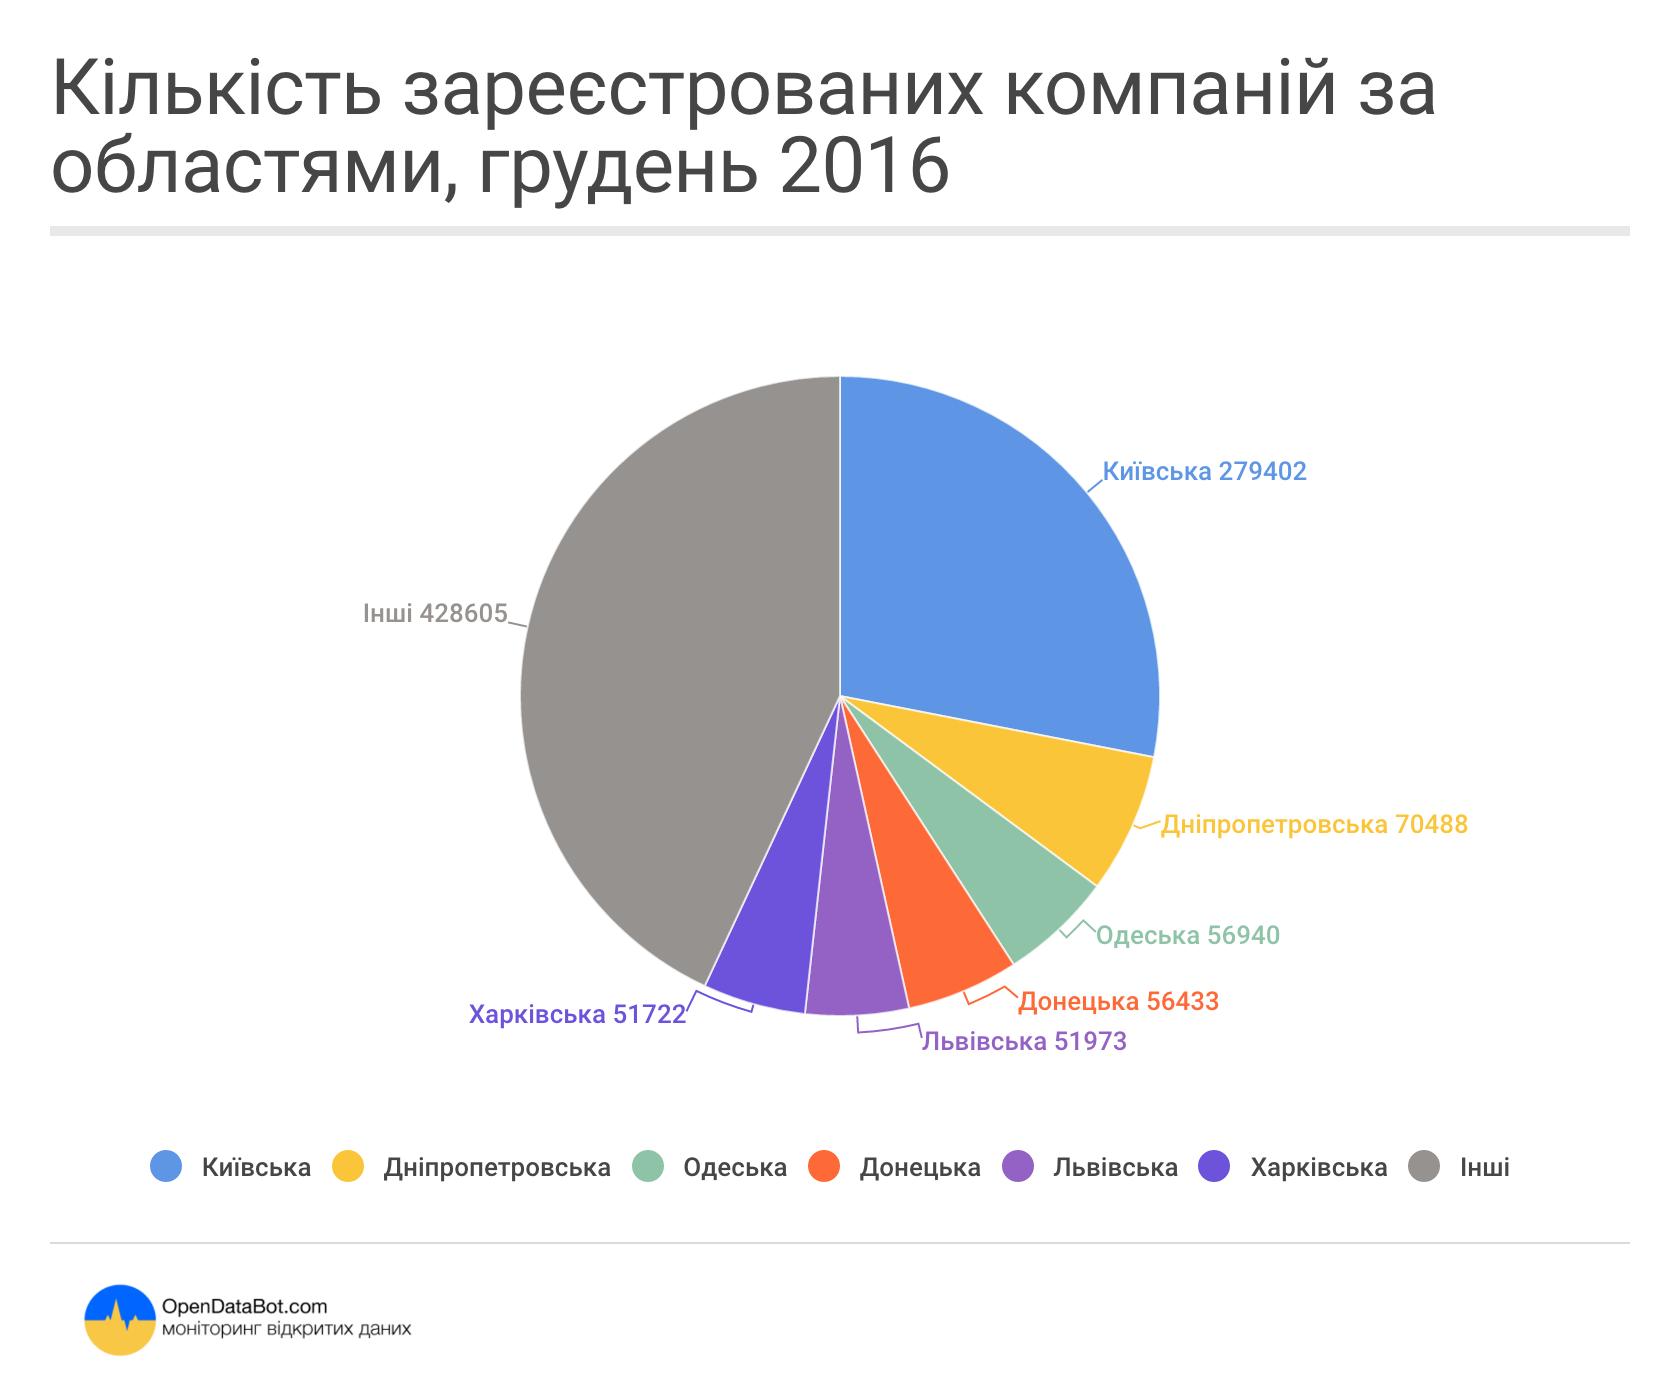 Кількість зареєстрованих компаній за областями